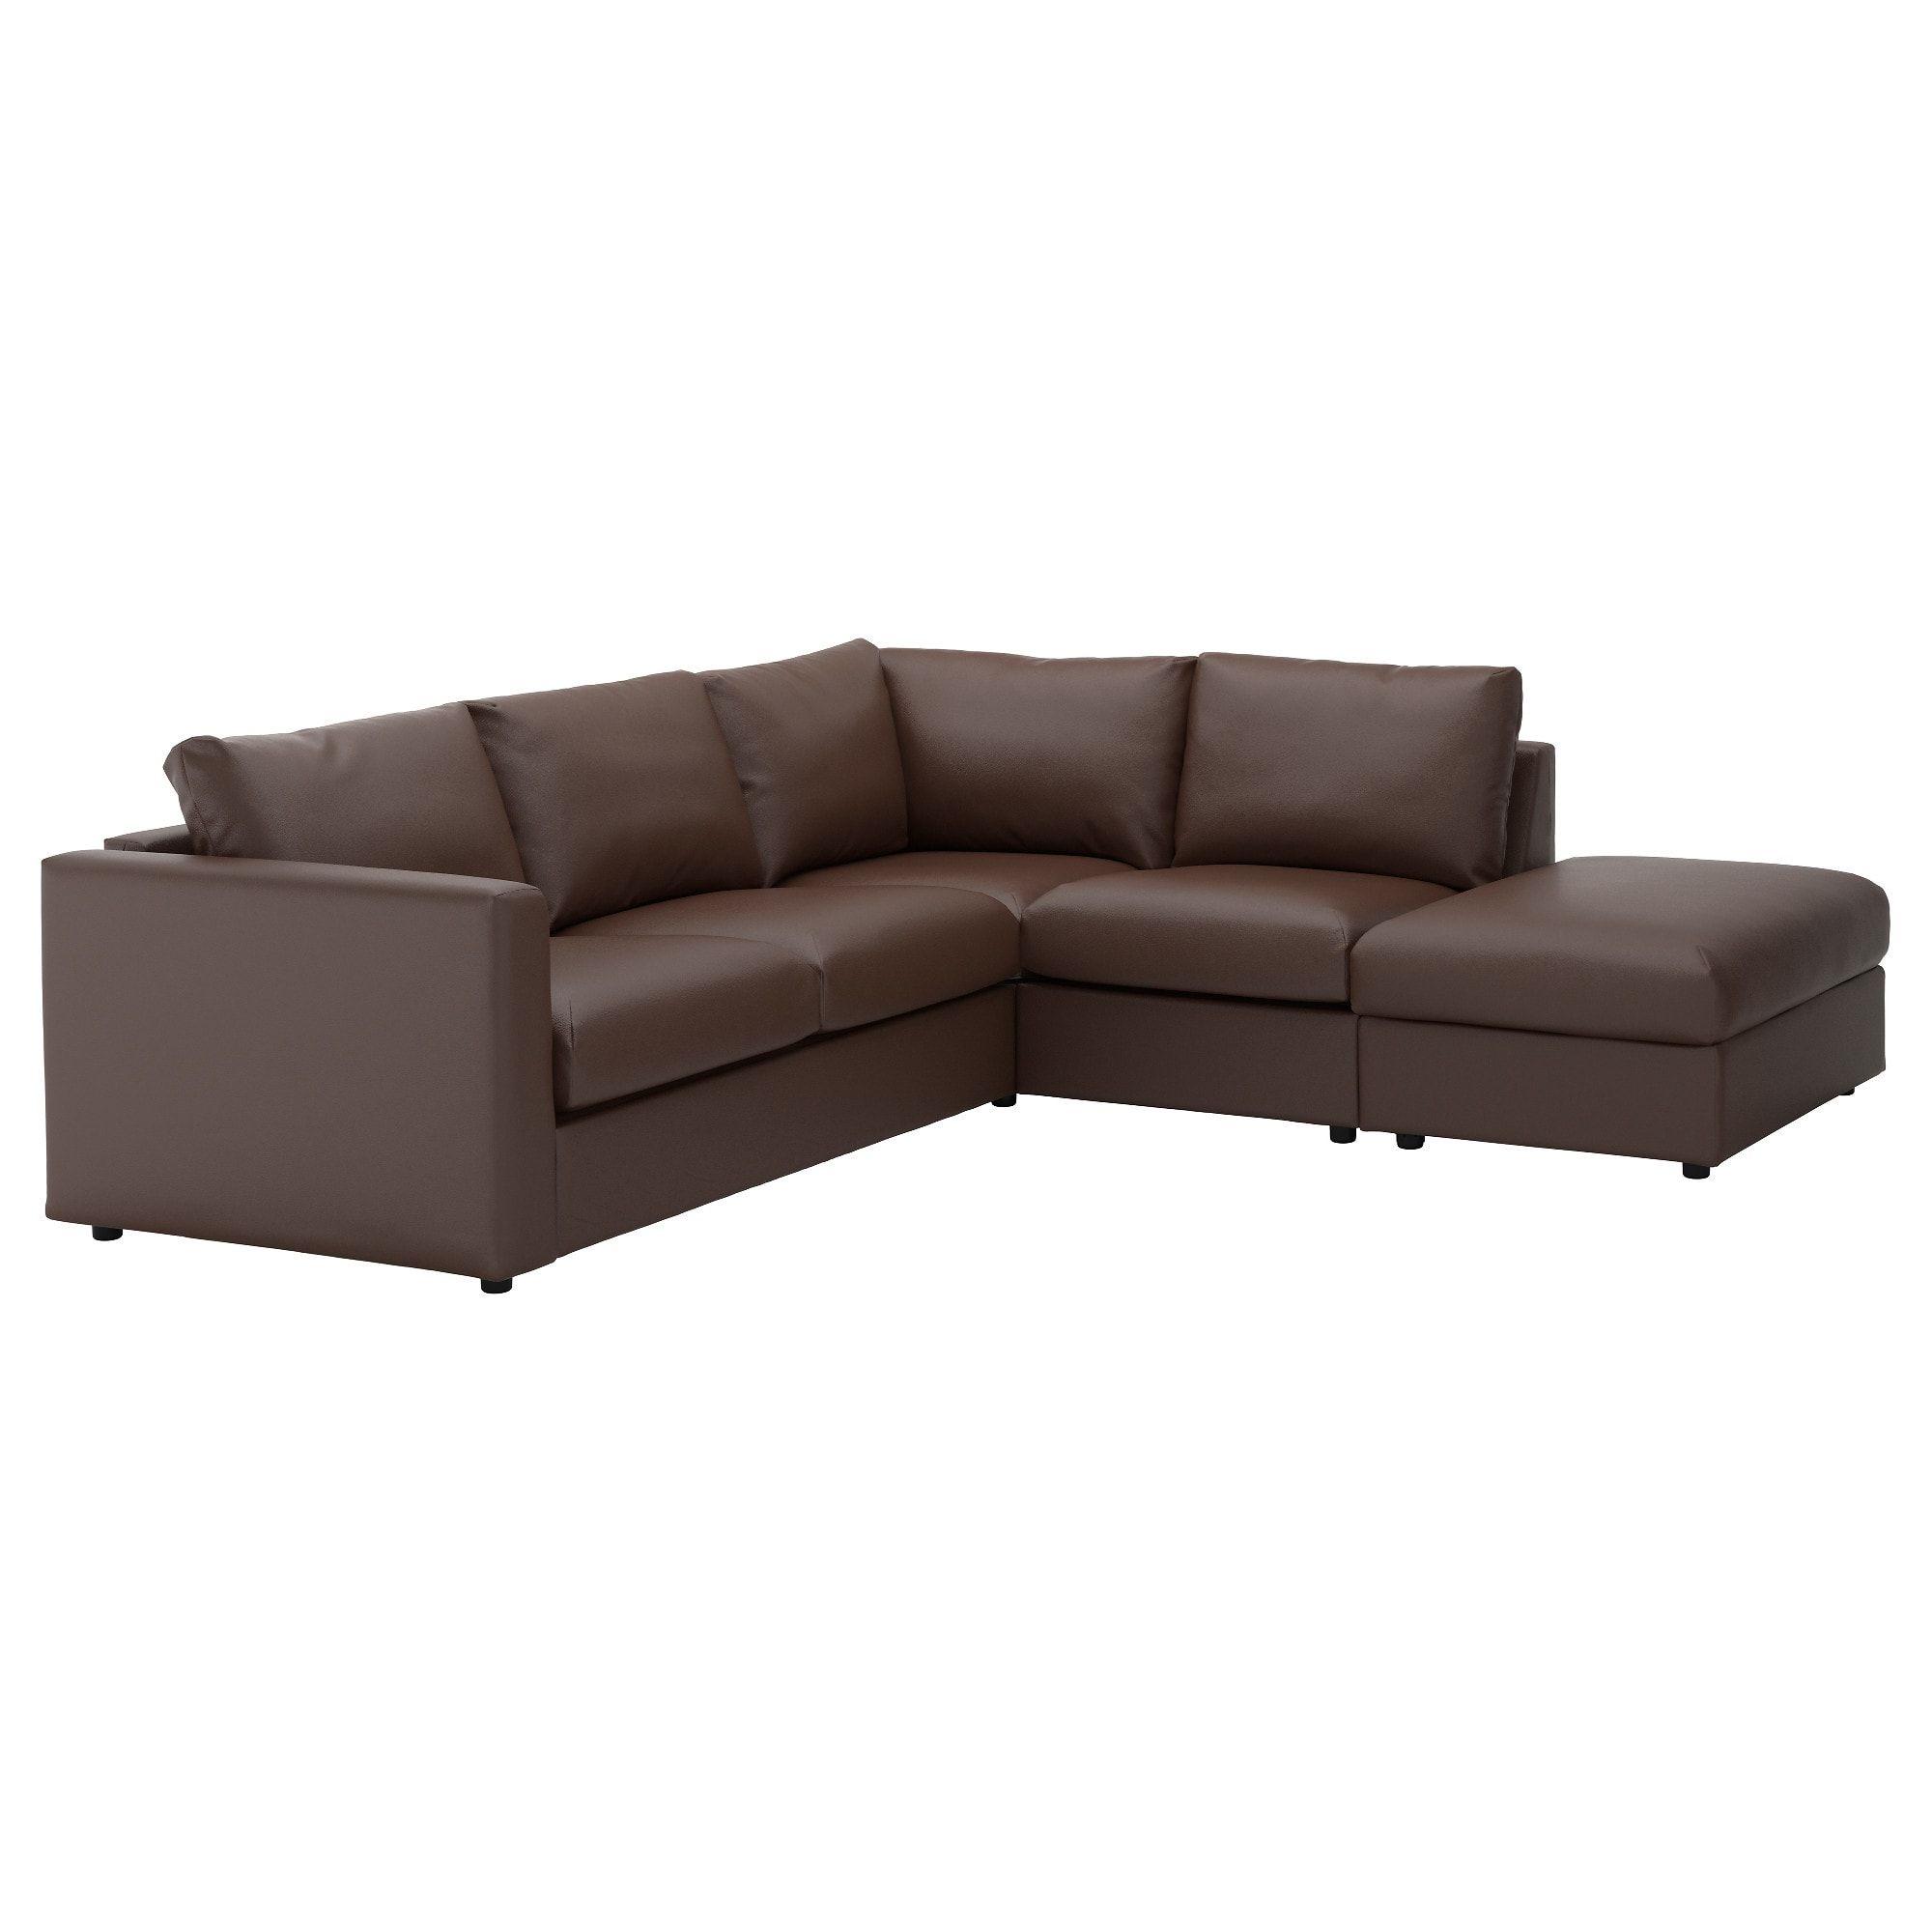 Vimle Ikea Leather Faux Leather Sofas Kf Faux Leather Sofa Modular Corner Sofa At Home Furniture Store